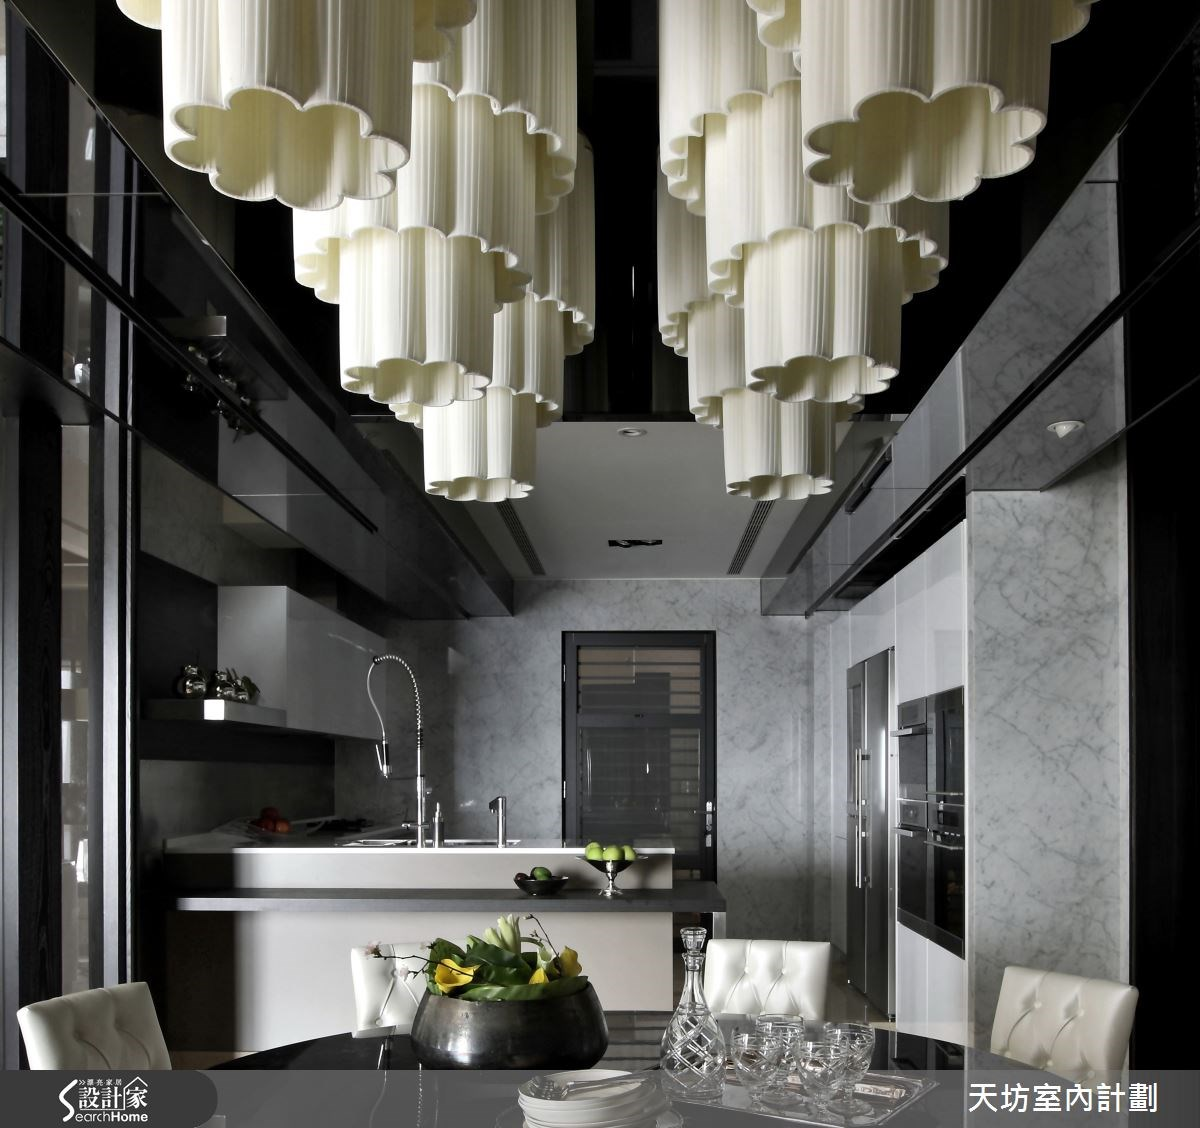 93坪新成屋(5年以下)_新中式風廚房案例圖片_天坊室內計劃有限公司_天坊_09之1